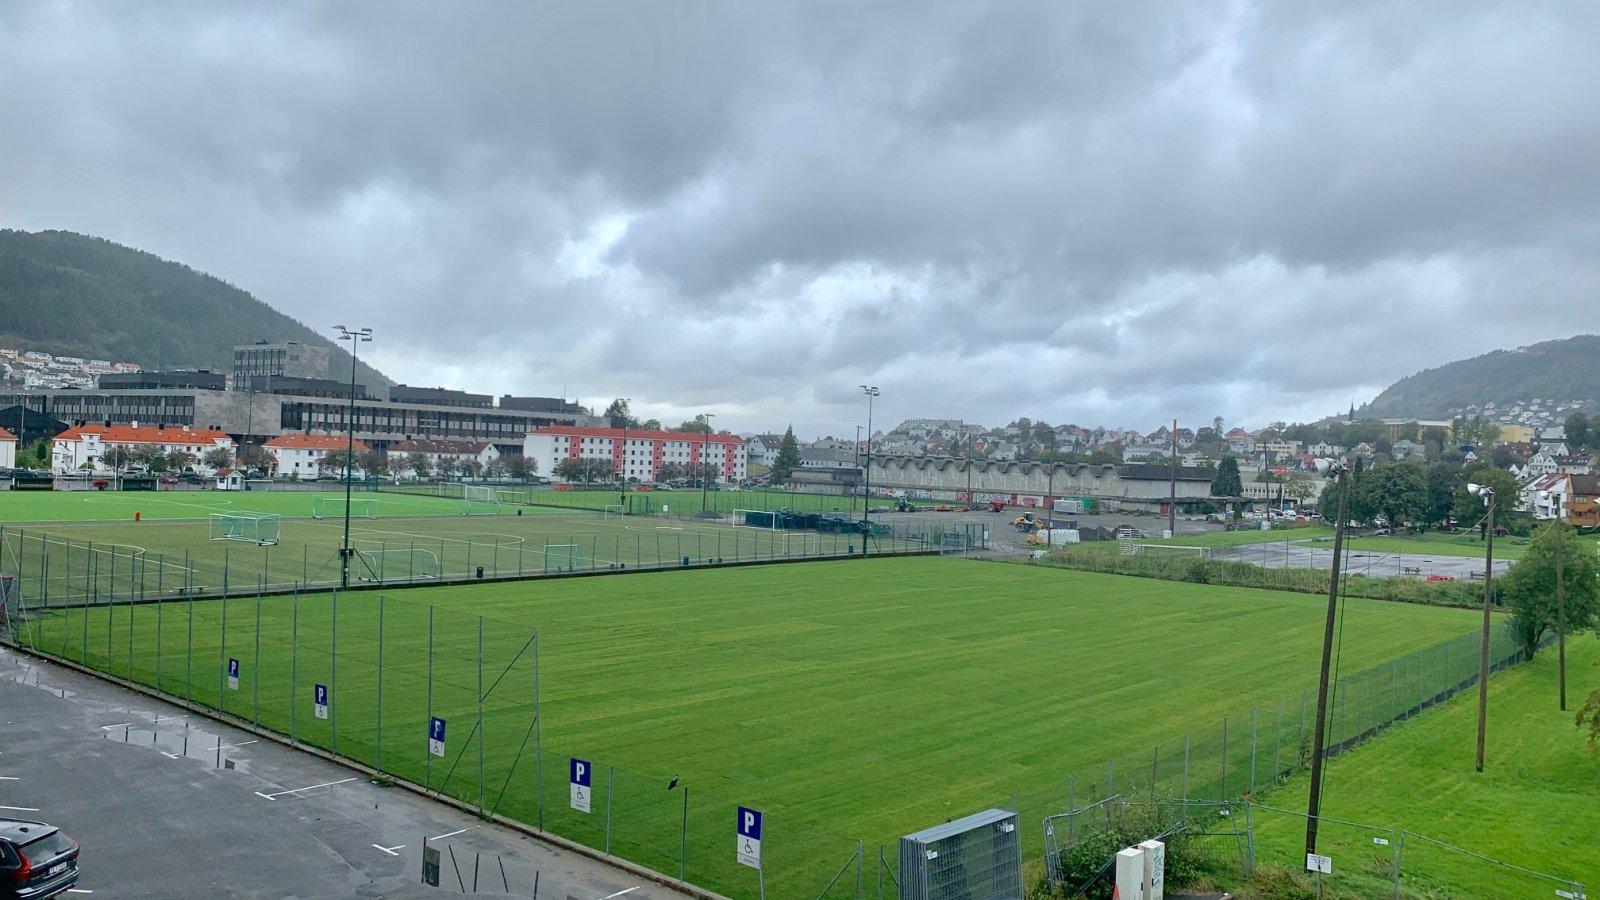 Slik ser treningsbanen på Nymark ut etter at gressmatten har blitt skiftet. Bildet er tatt onsdag ettermiddag.